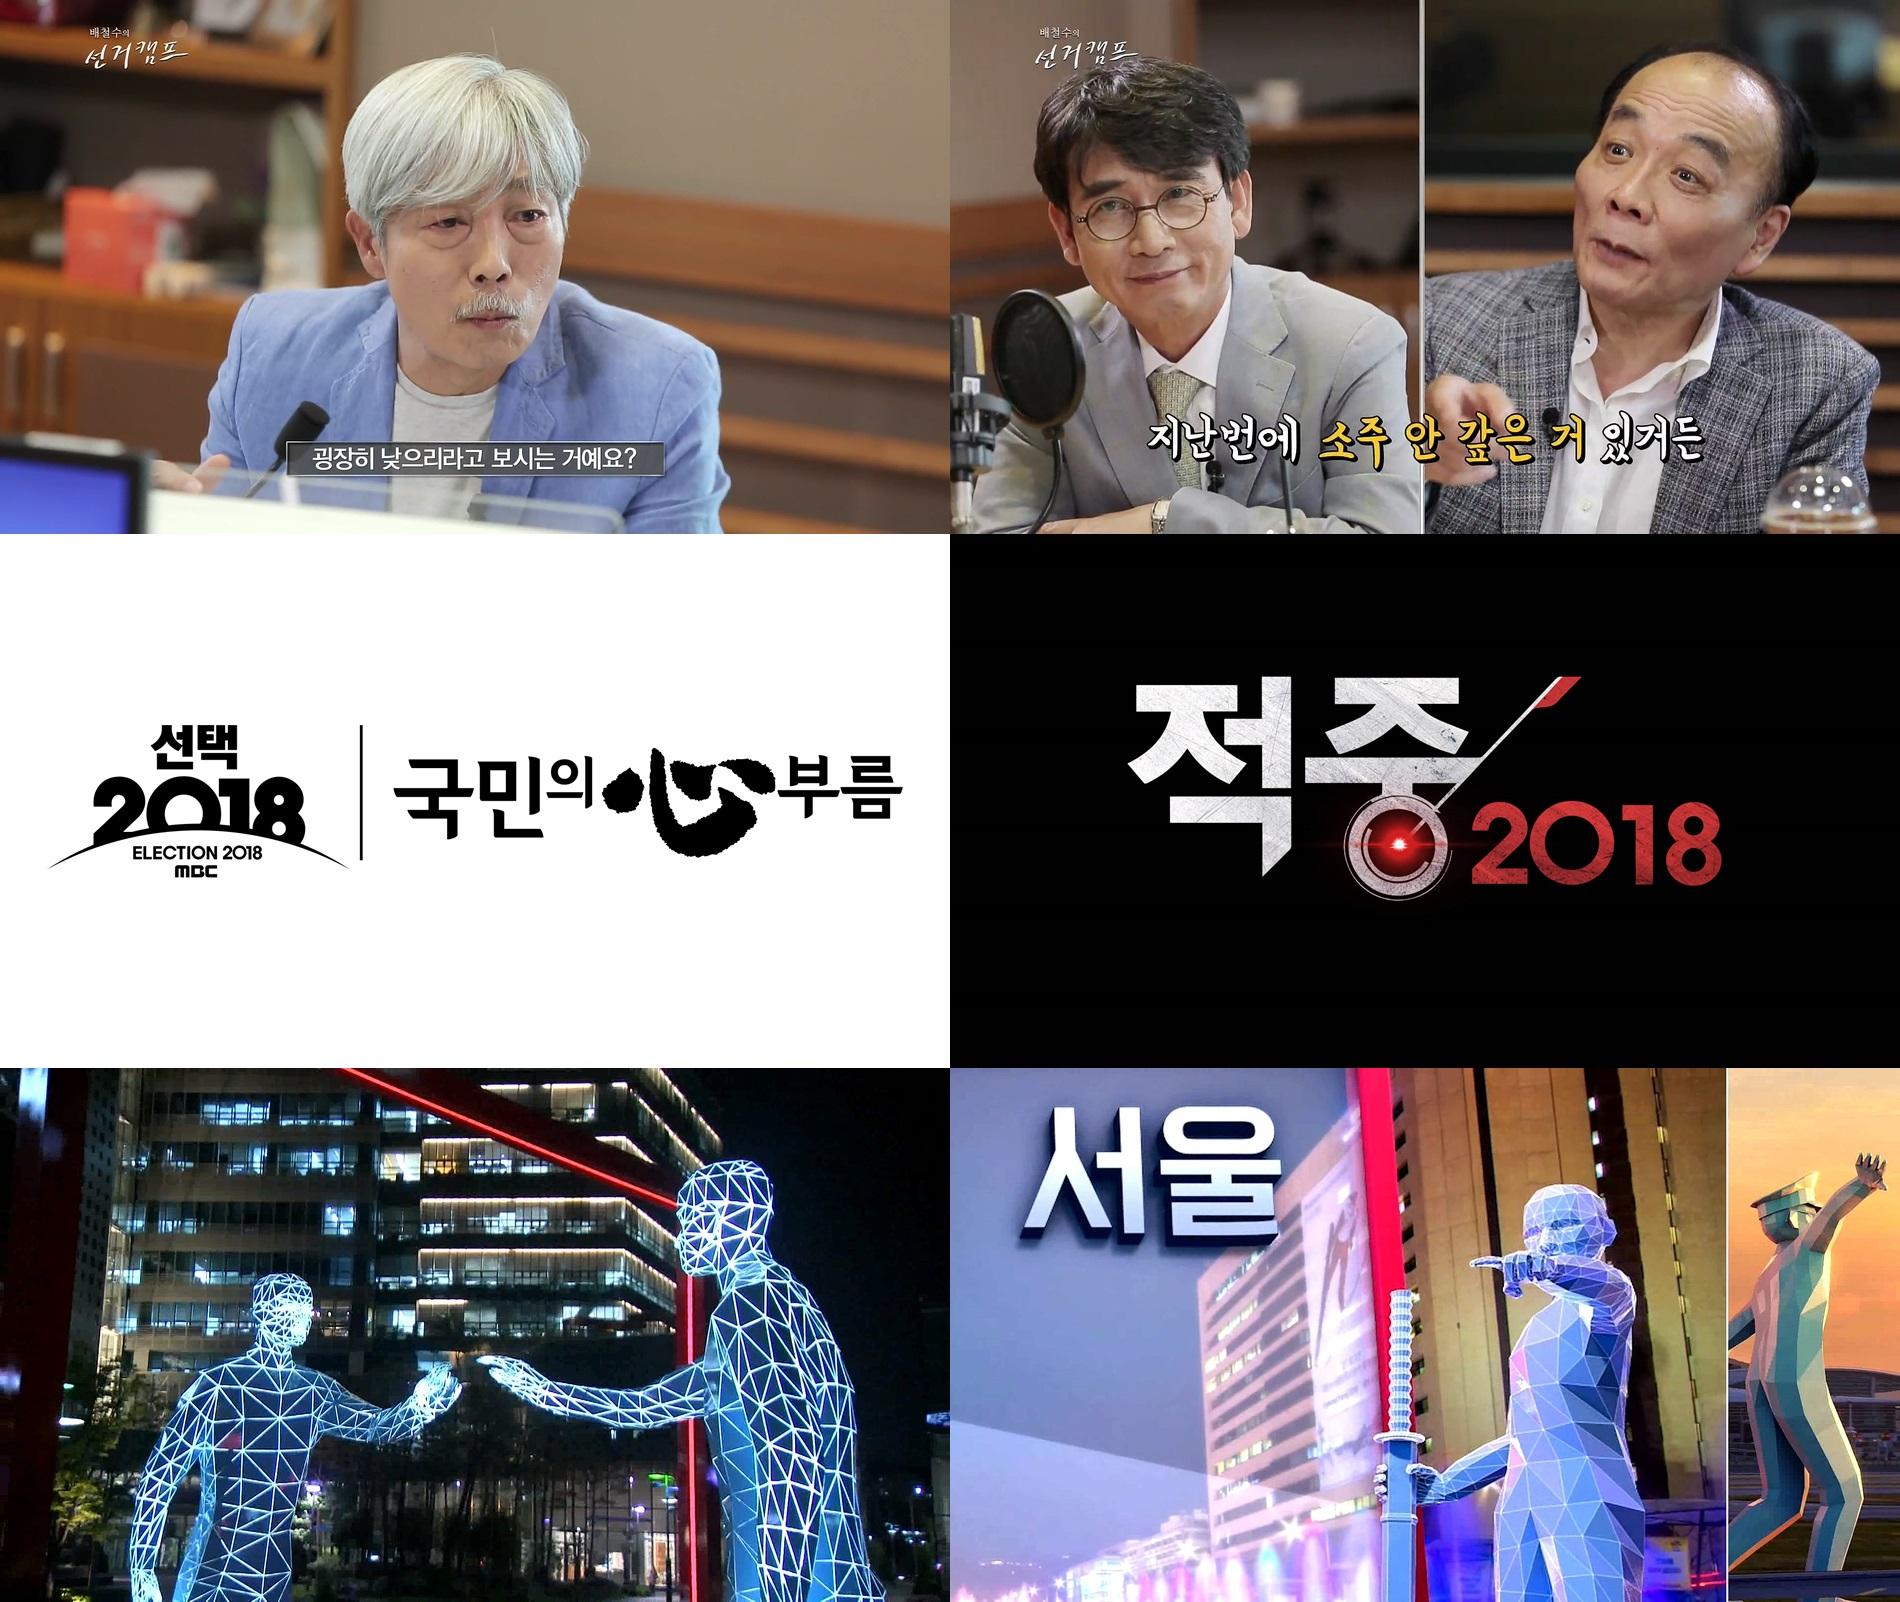 MBC '선택 2018' 관전 포인트는? #유시민·전원책·배철수 #역대급 CG #당선 예측